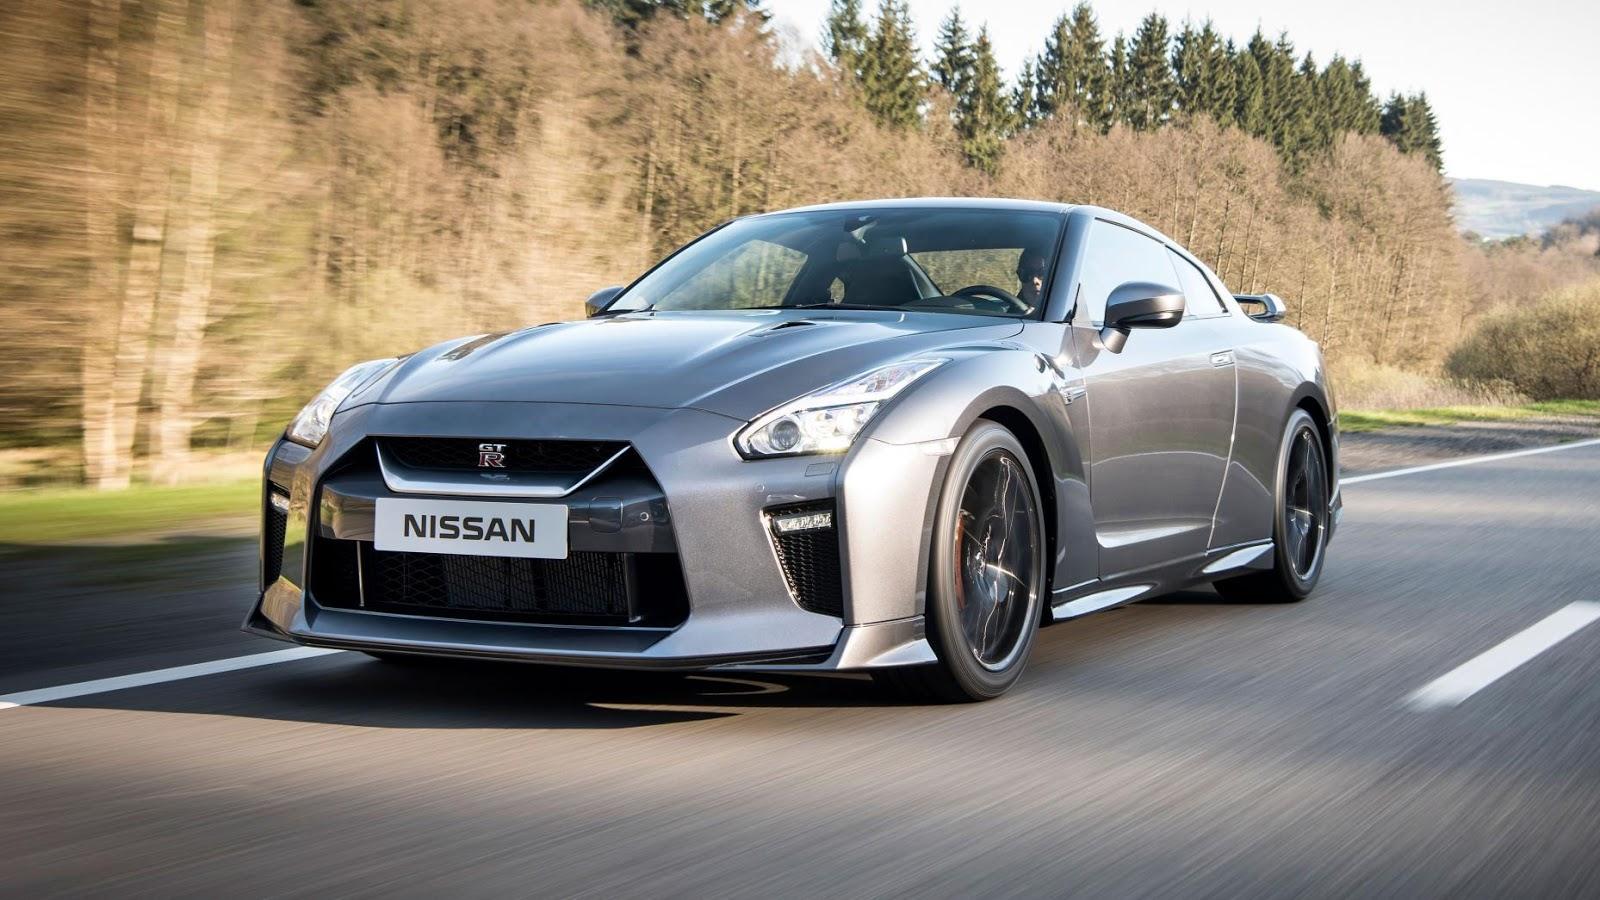 Nissan GT-R 2017 vừa chính thức ra mắt và hứa hẹn sẽ lại tạo nên cơn sốt mới